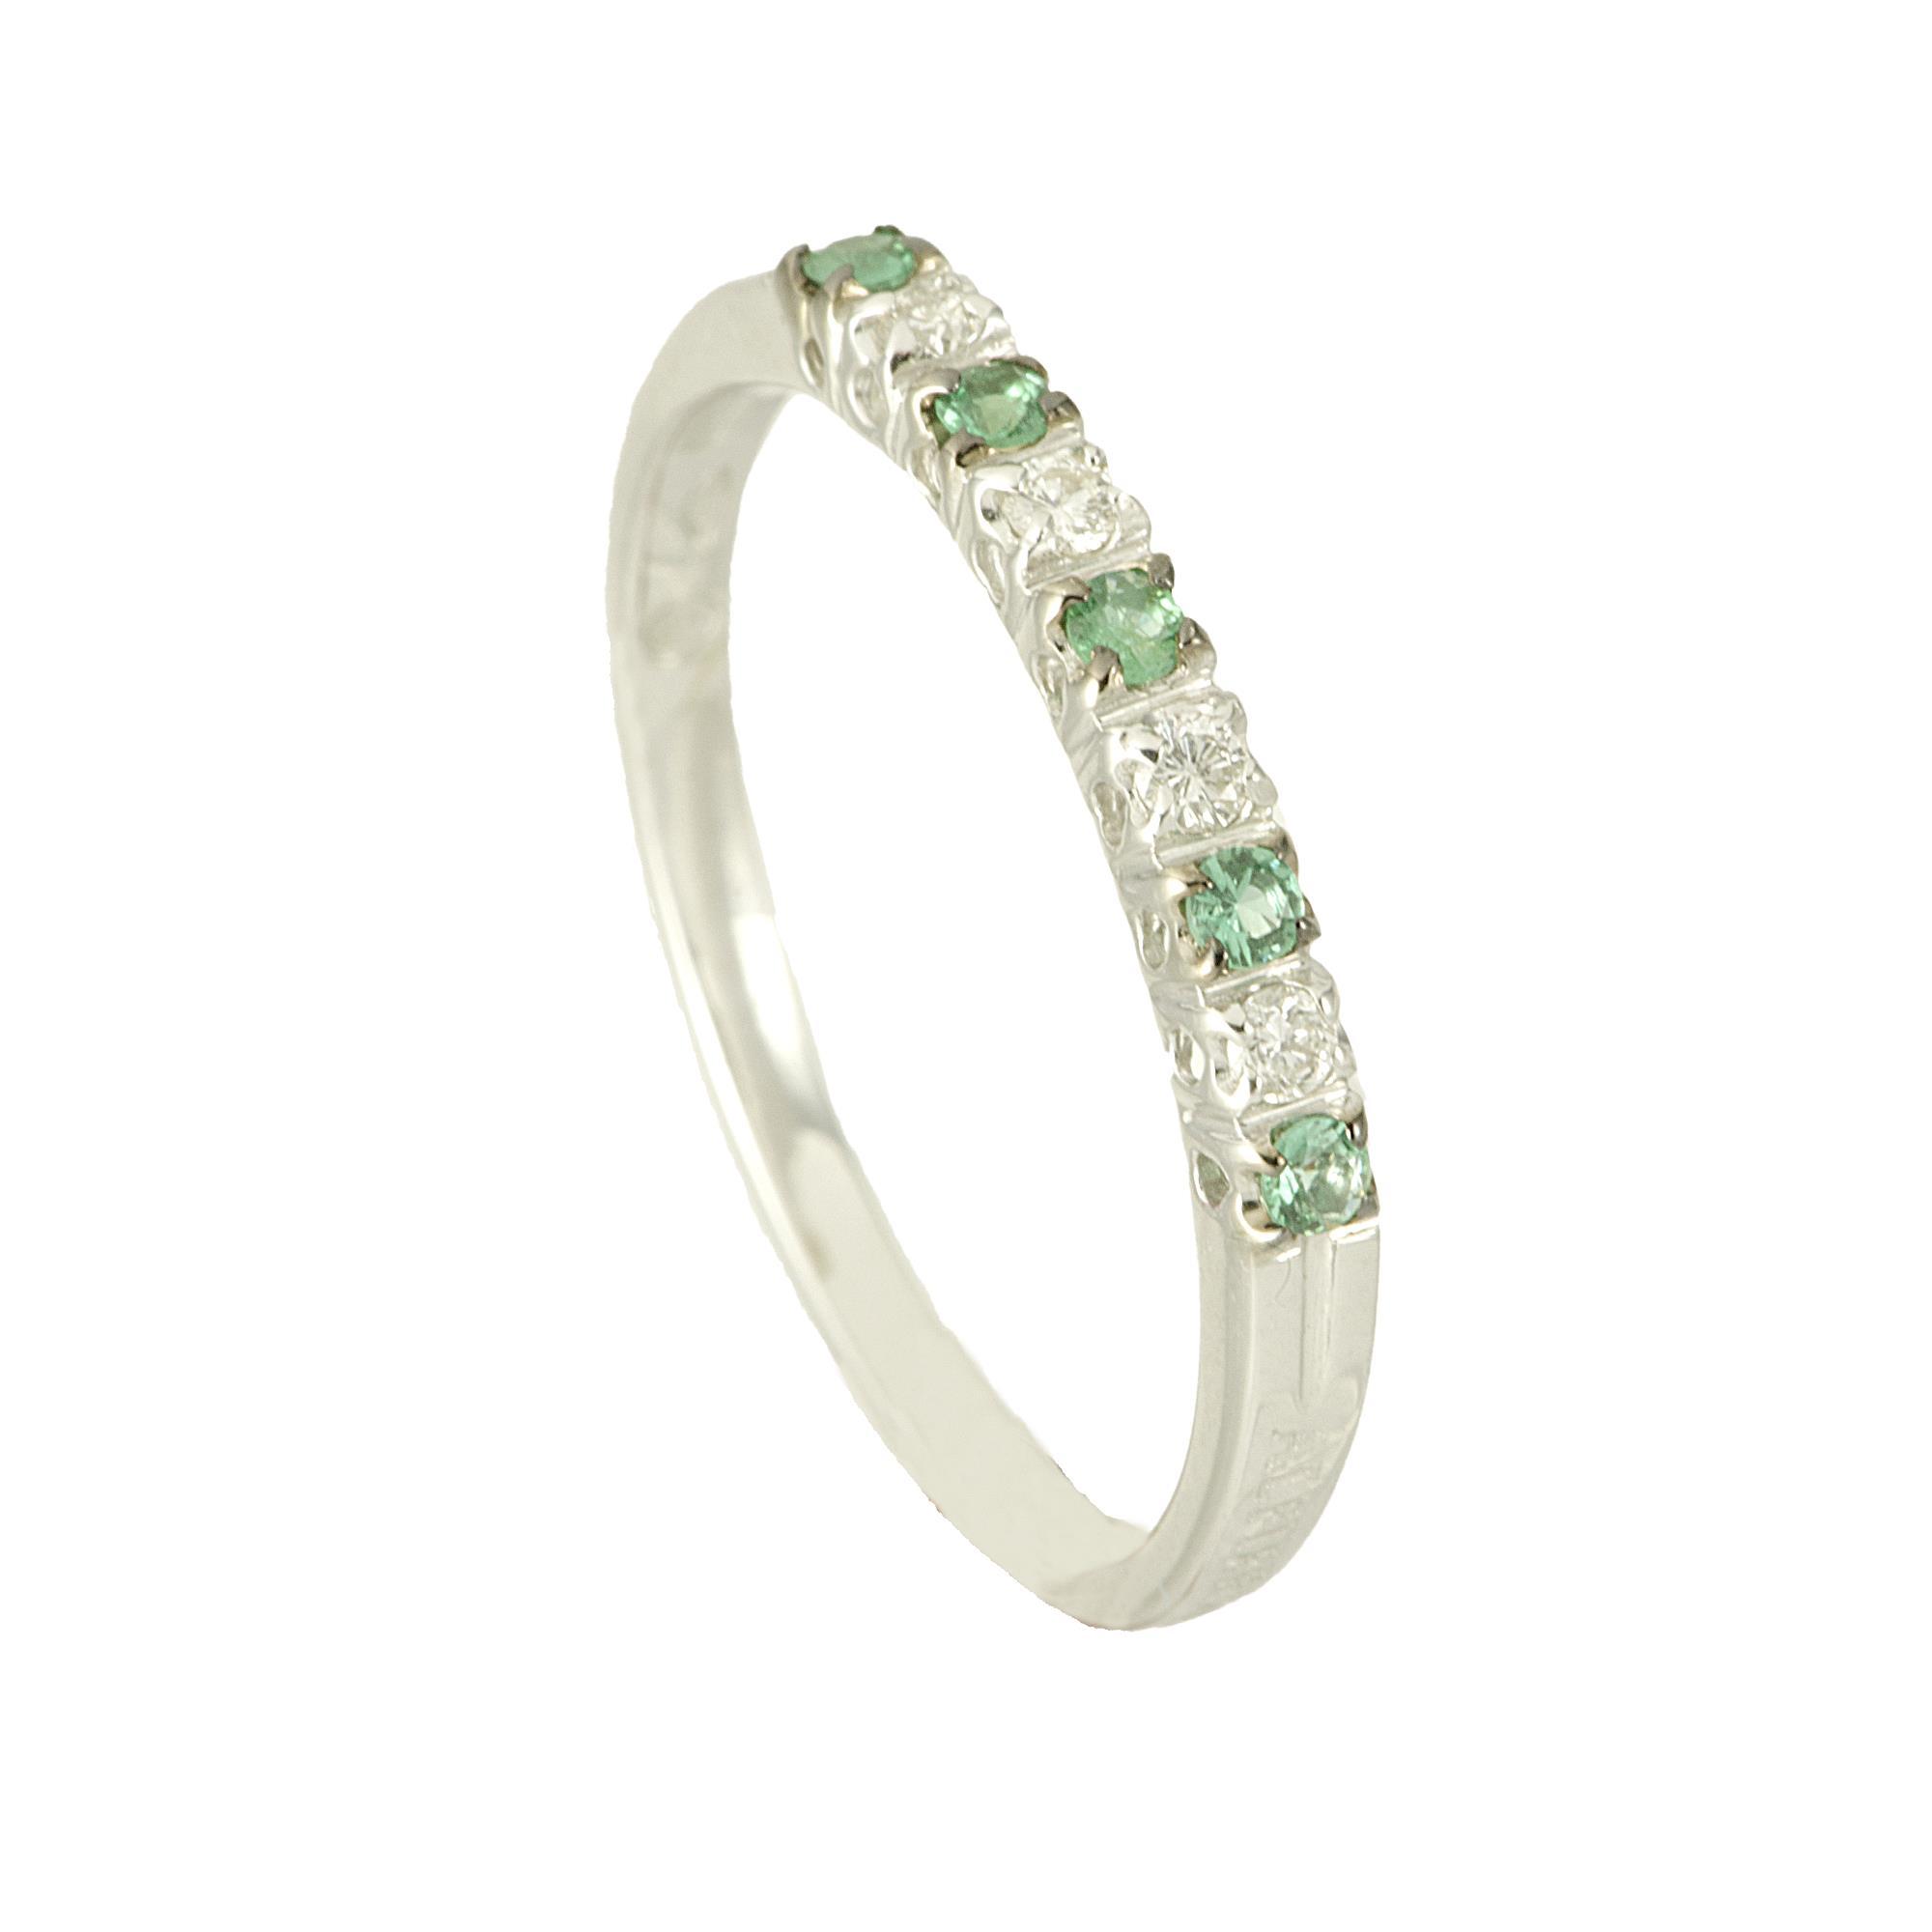 Anello veretta in oro bianco con diamanti e smeraldi mis 12 - ALFIERI ST JOHN